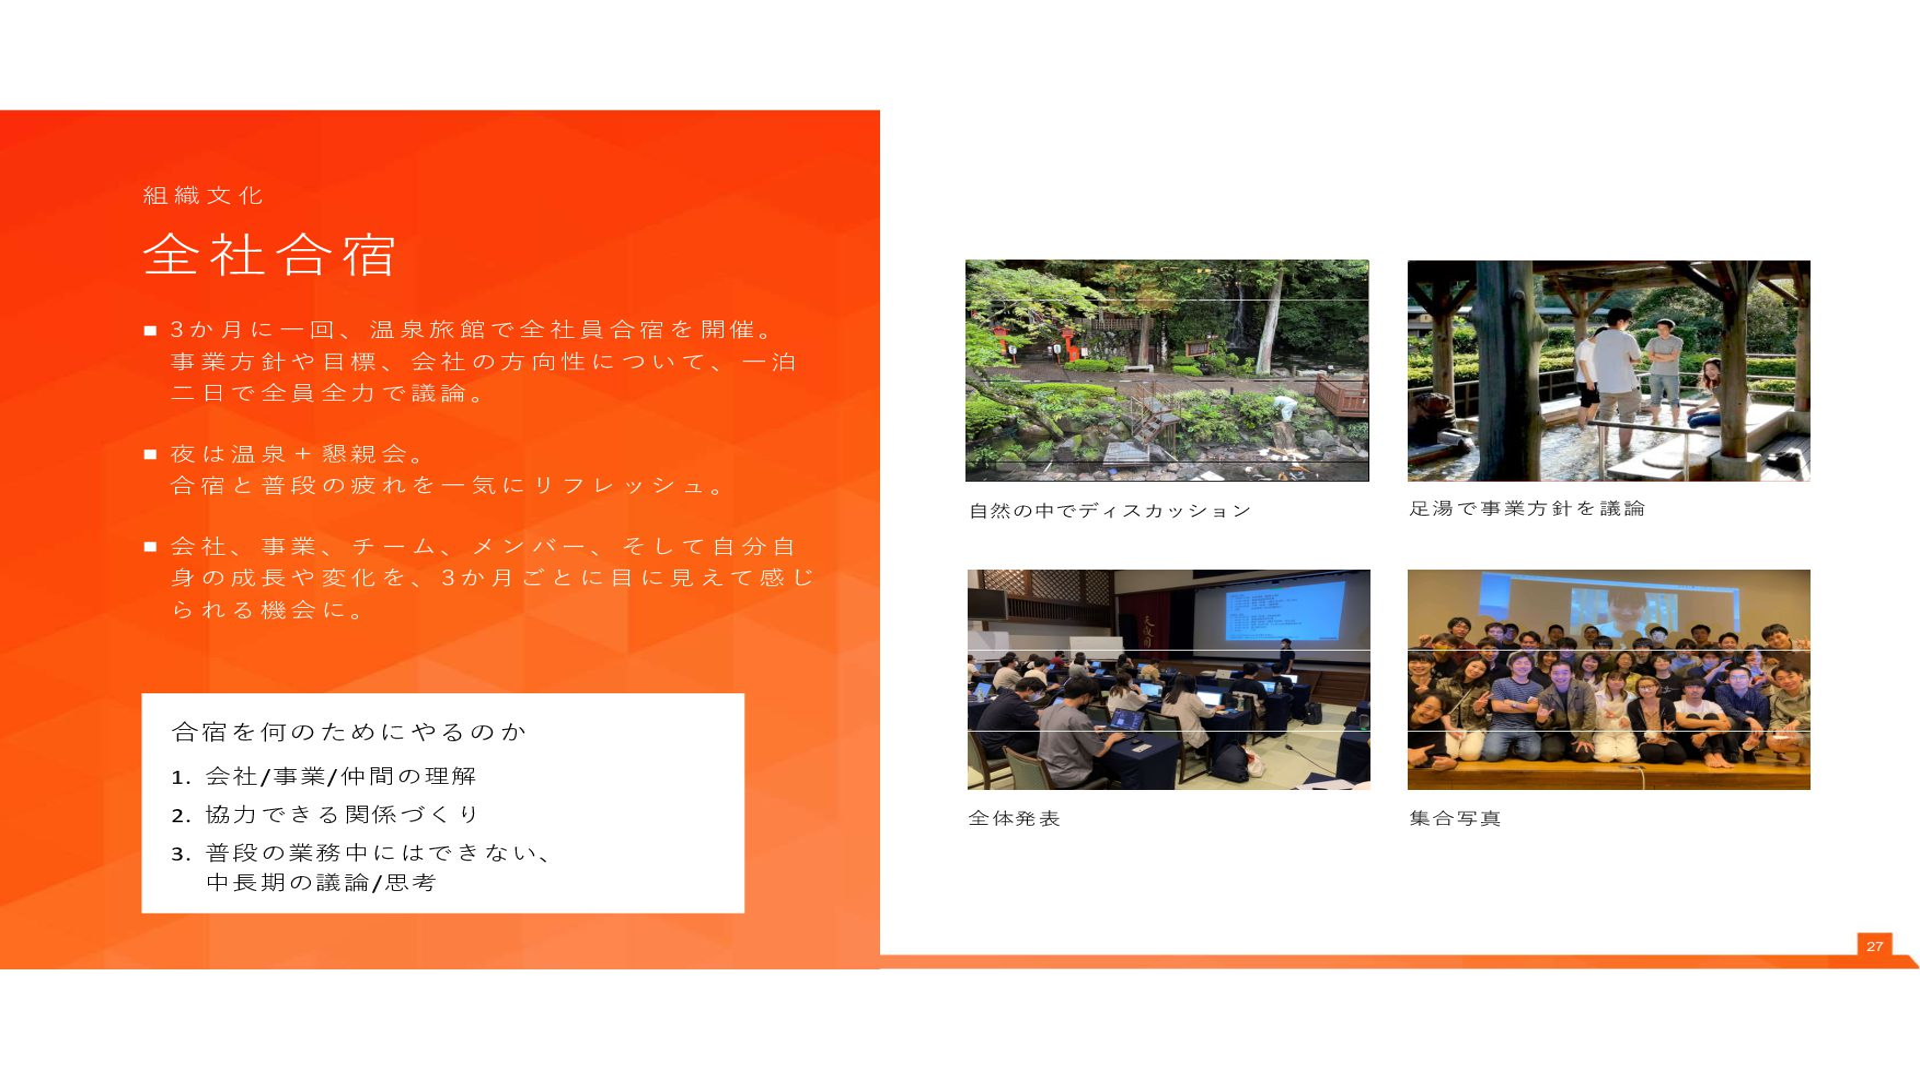 全社合宿 組 織 文 化  3 か 月 に 一 回 、 温 泉 旅 館 で 全 社 員 合 ...